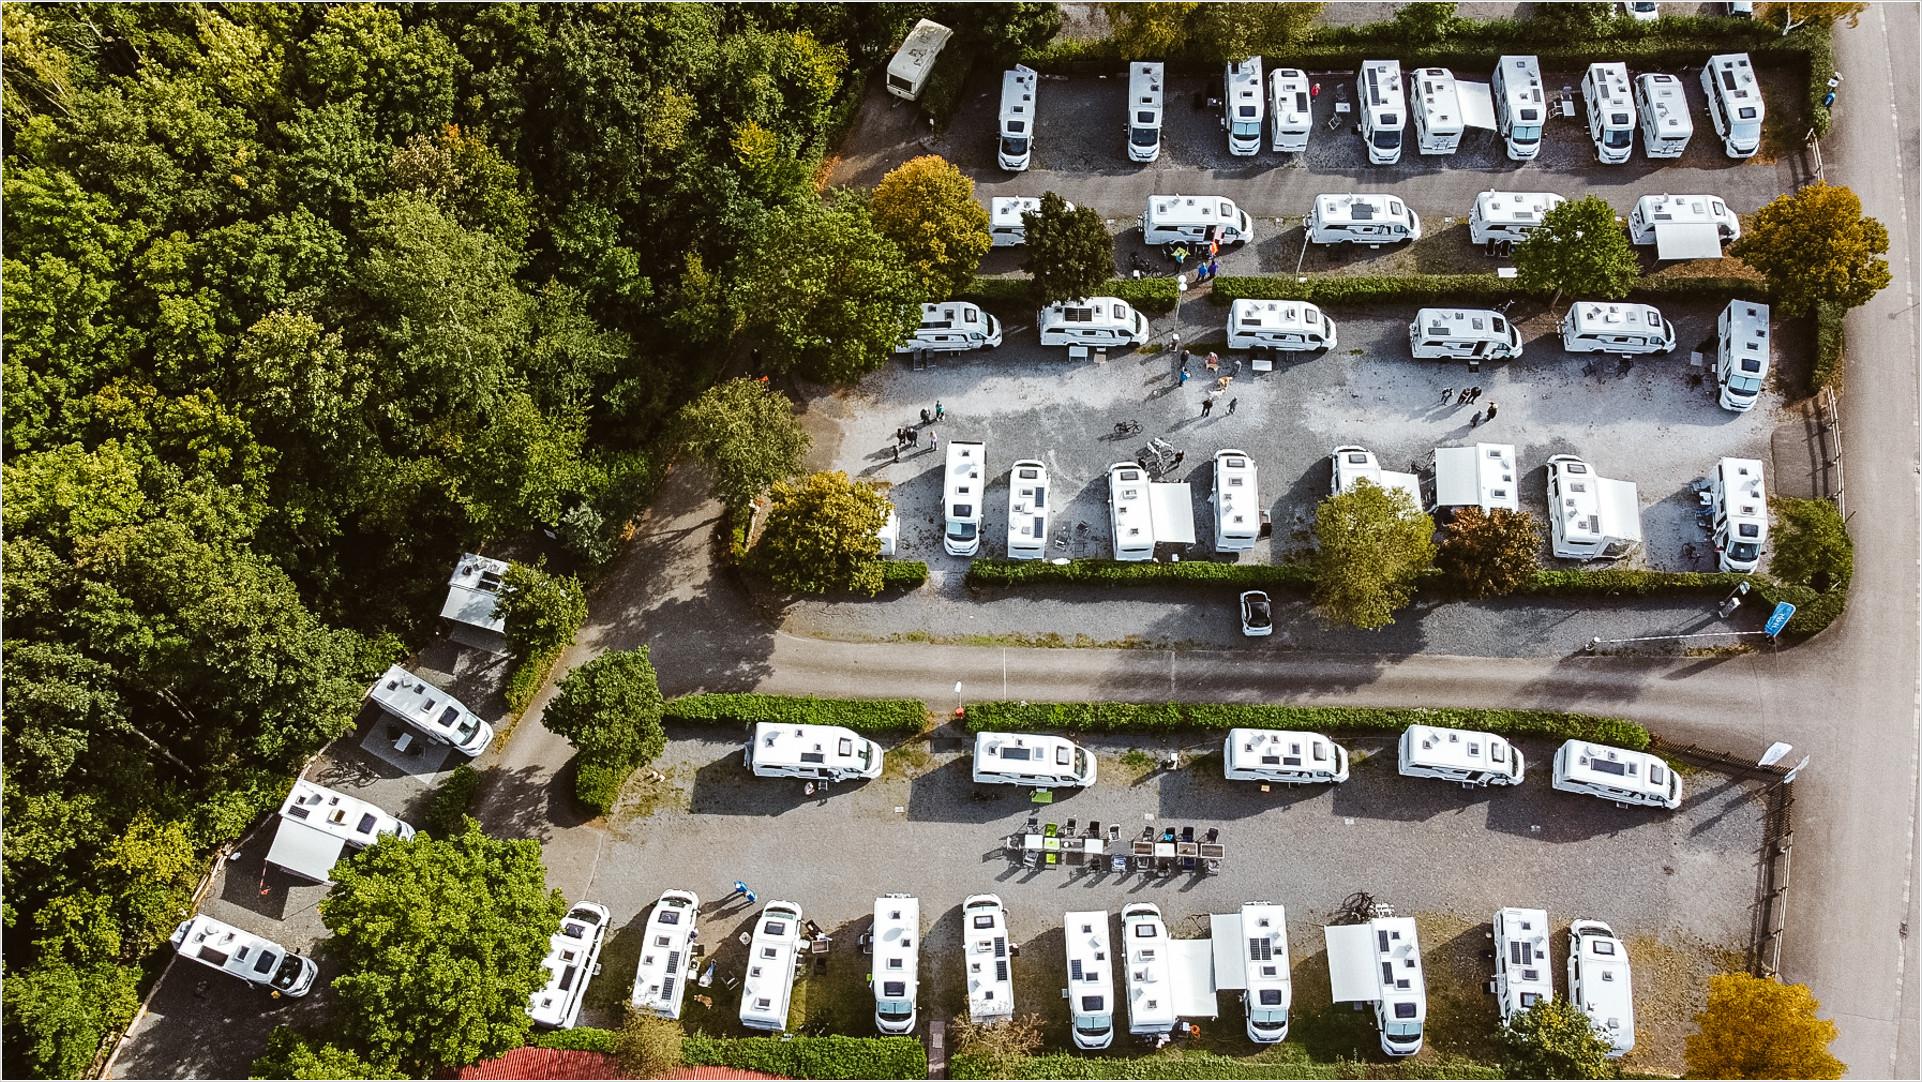 50 Hobby Wohnmobile auf einem Stellplatz aus der Luft aufgenommen